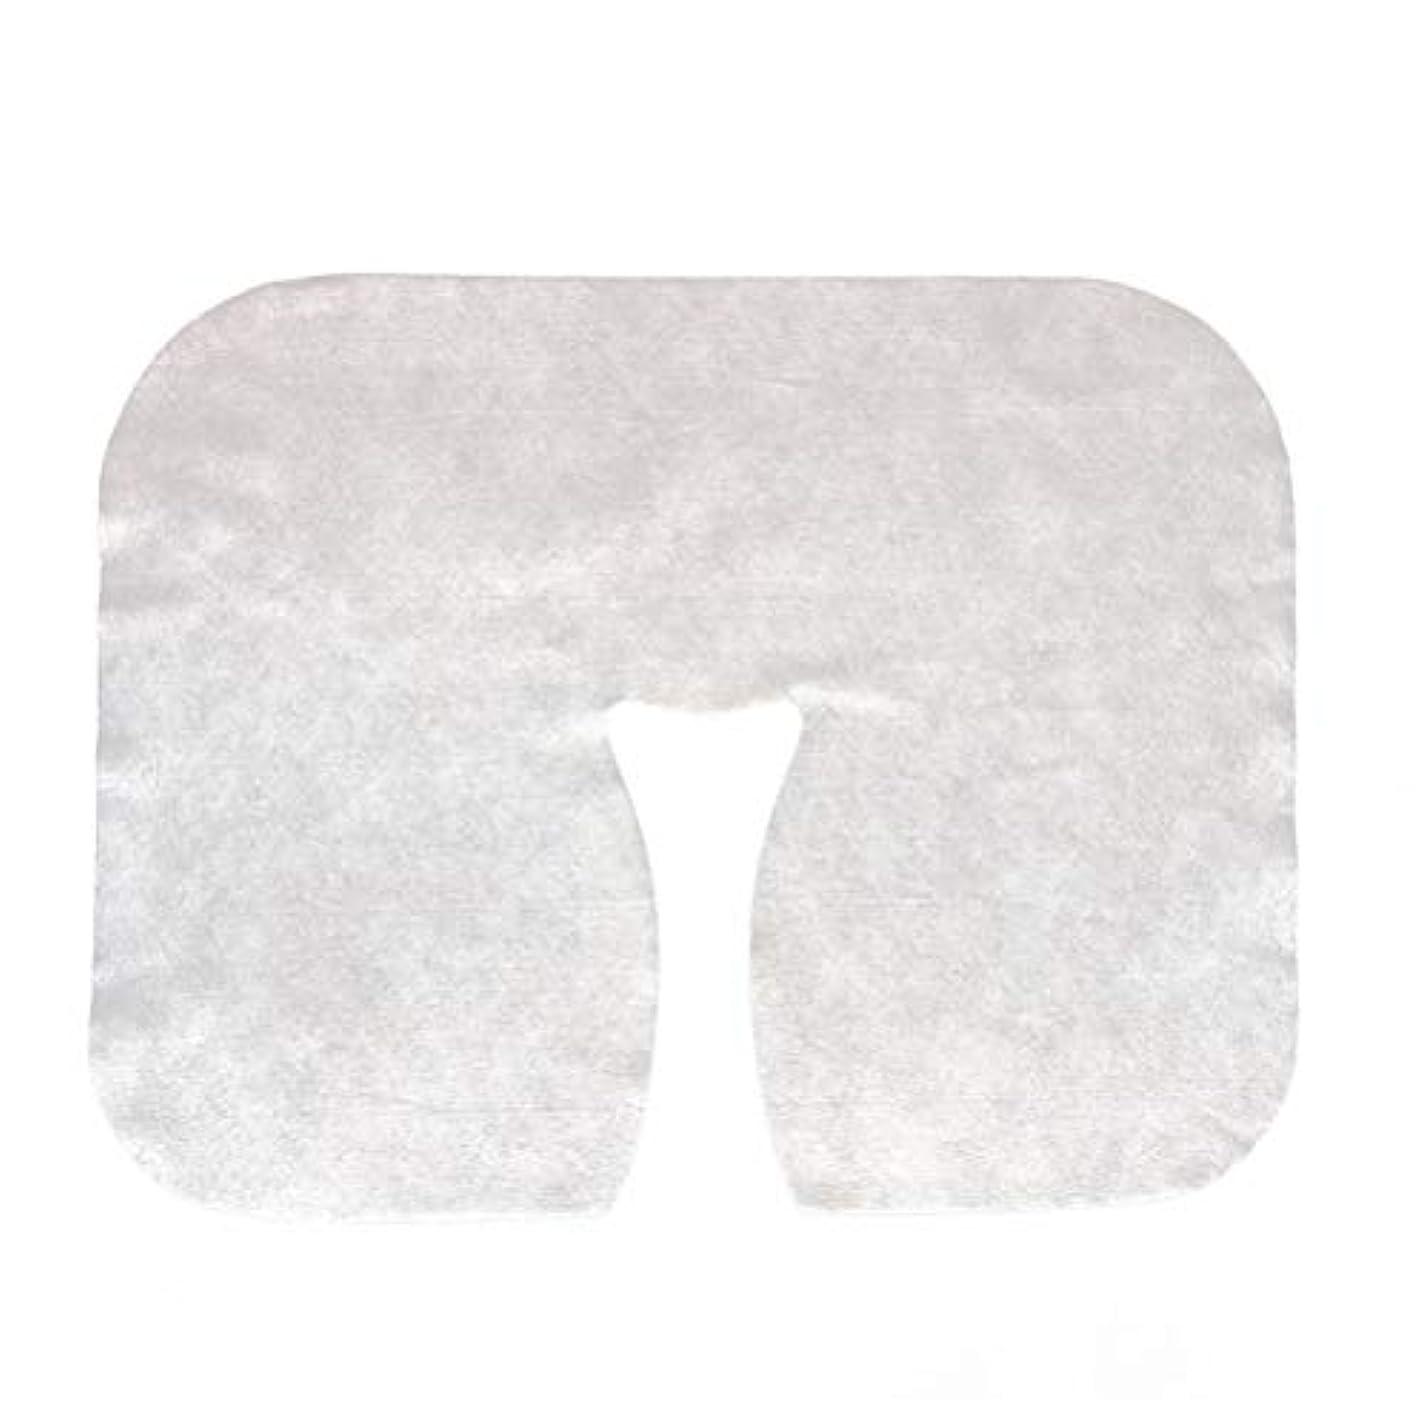 準備したキャメルチョークLurrose 200枚 使い捨て マッサージ フェイスクレードル カバー フェイスマッサージヘッドレストカバースパ美容サロンマッサージ用マット(ホワイト)